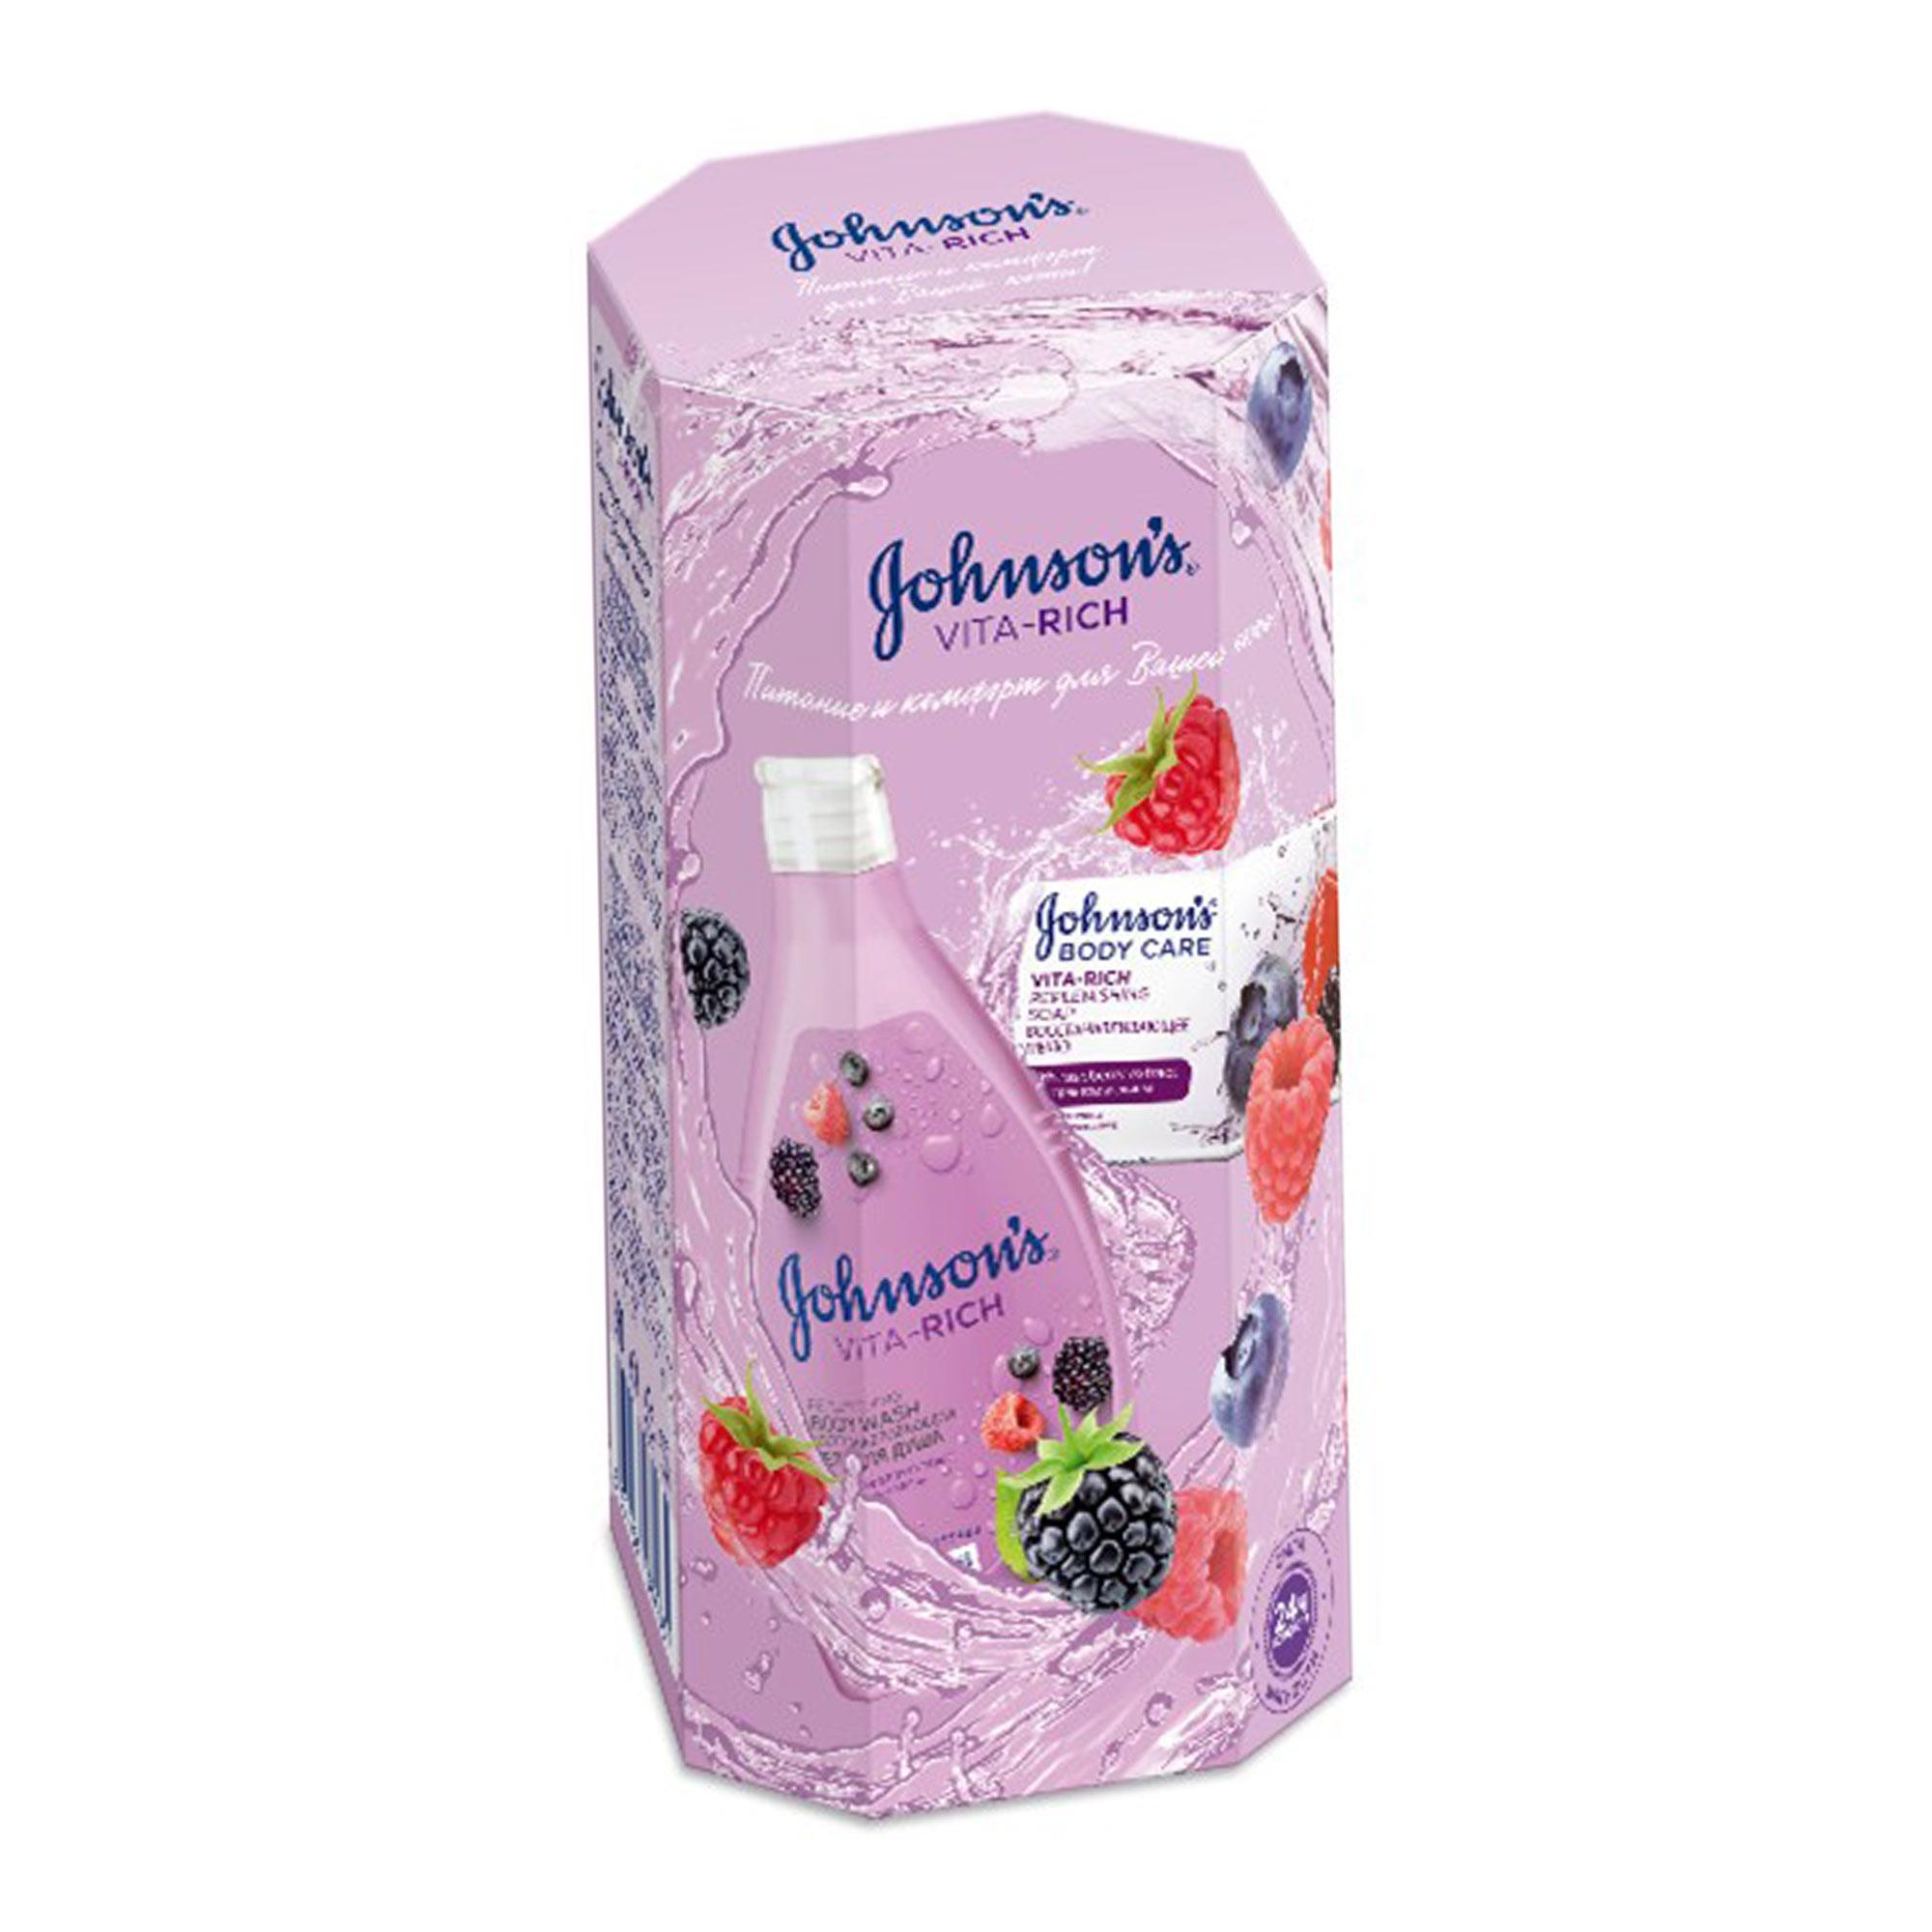 Набор подарочный Johnson's Vita Rich Малина+Лесные ягоды 2 предмета недорого